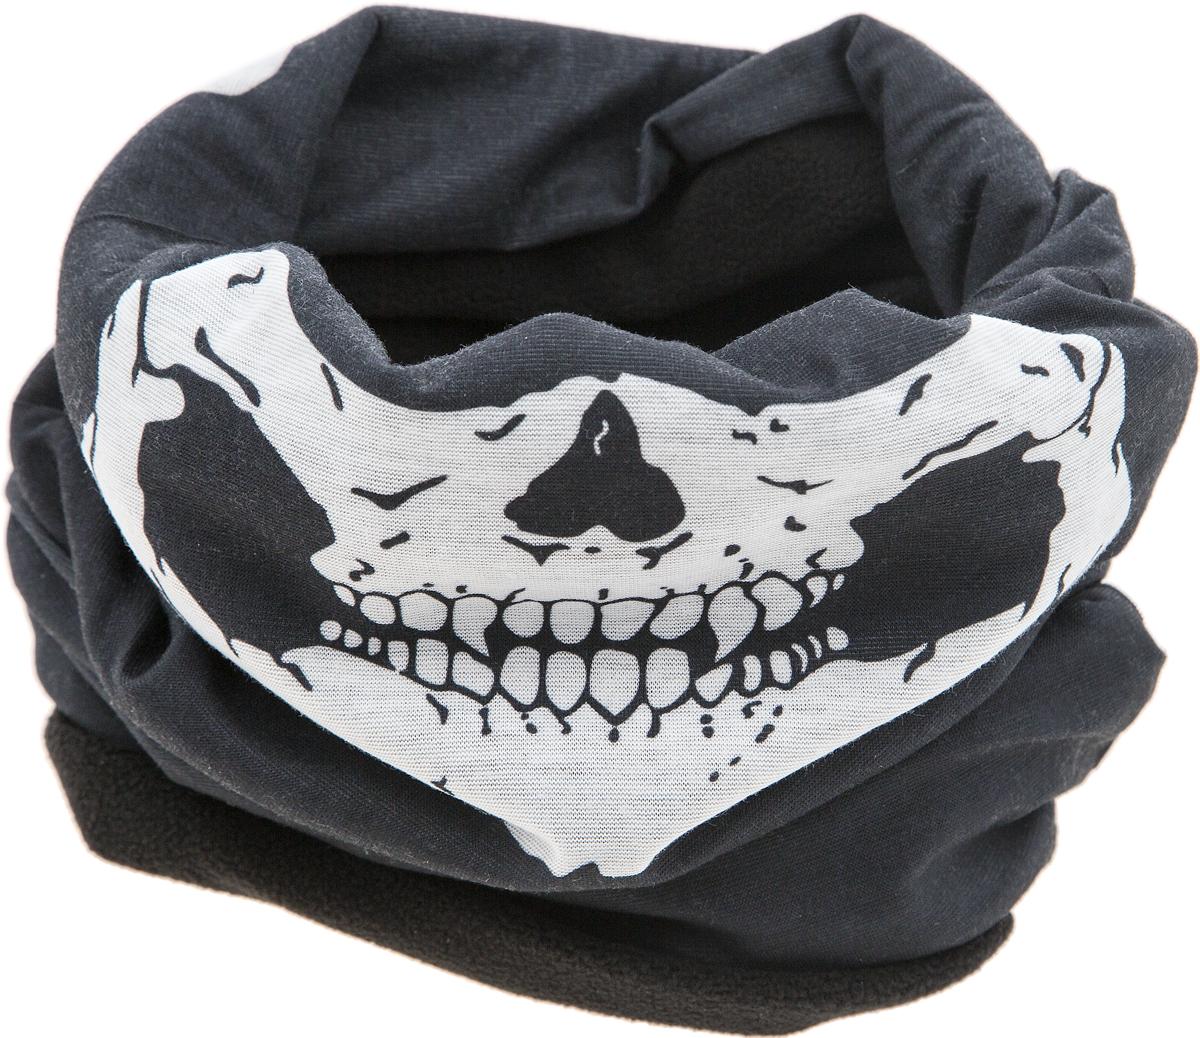 Шарф зимний YusliQ, цвет: черный, белый. WL-03. Размер 50 см х 35 смWL - 03Мультишарфы можно встретить под разными названиями: мультишарф, мультибандана, платок трансформер, Baff, но вне зависимости от того, как Вы назовете этот аксессуар, его уникальные возможности останутся неизменными. Вы с легкостью и удобством можете одеть этот мультишарф на голову и шею 12 различными способами. В сильные морозы, пронизывающий ветер или пыльную бурю - с мультишарфом Вы будете готовы к любым капризам природы.Авторская работа.